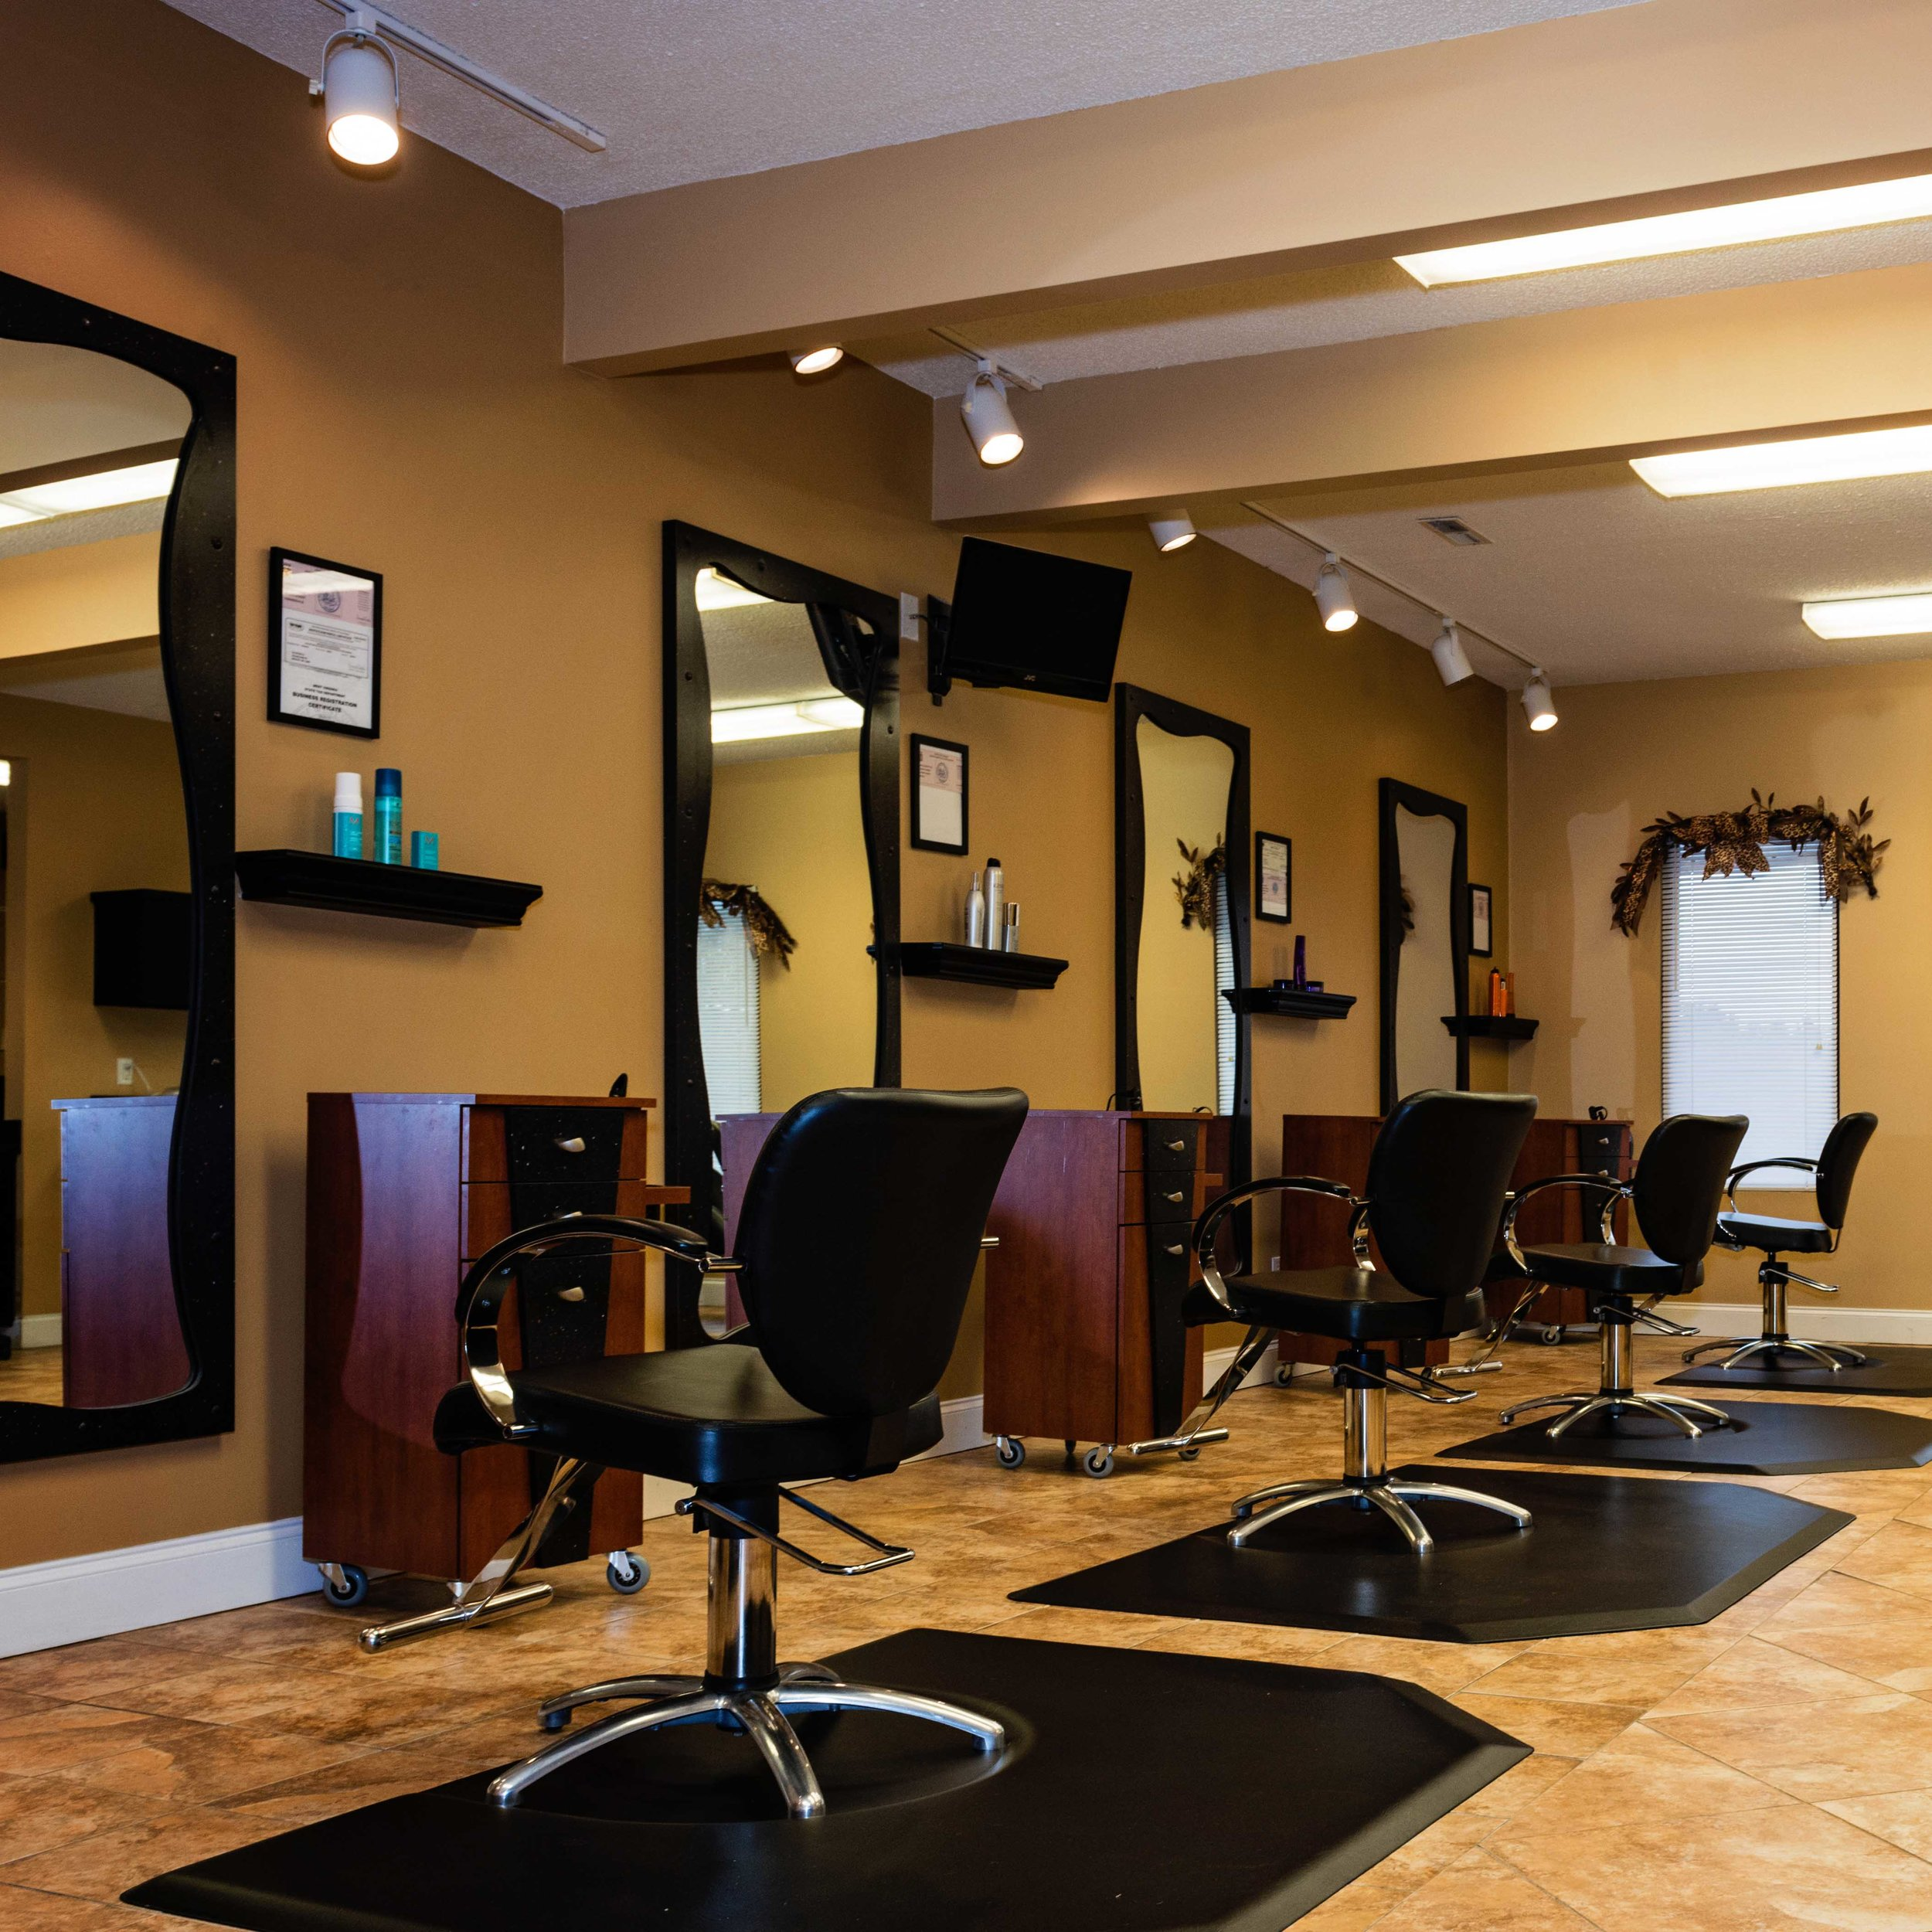 Salon-5abSquare.jpg